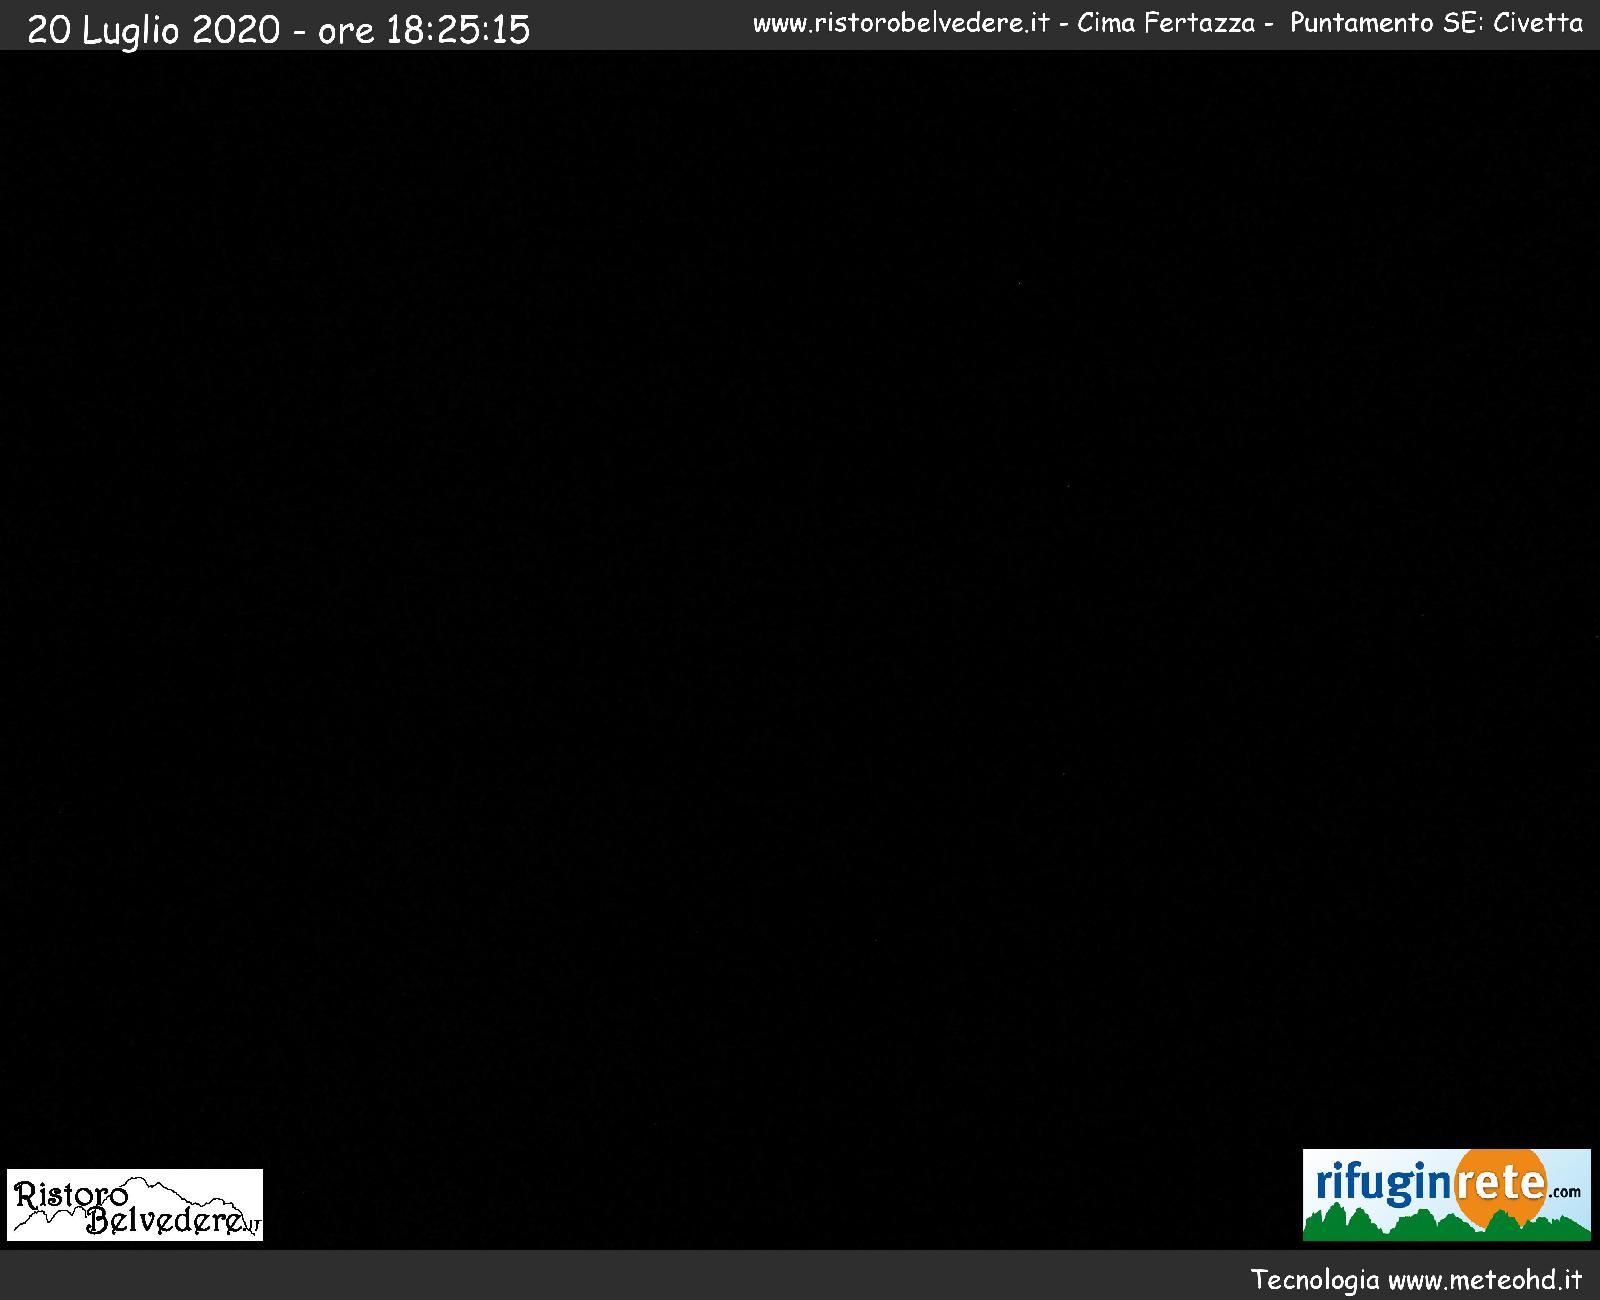 webcam ristorante belvedere